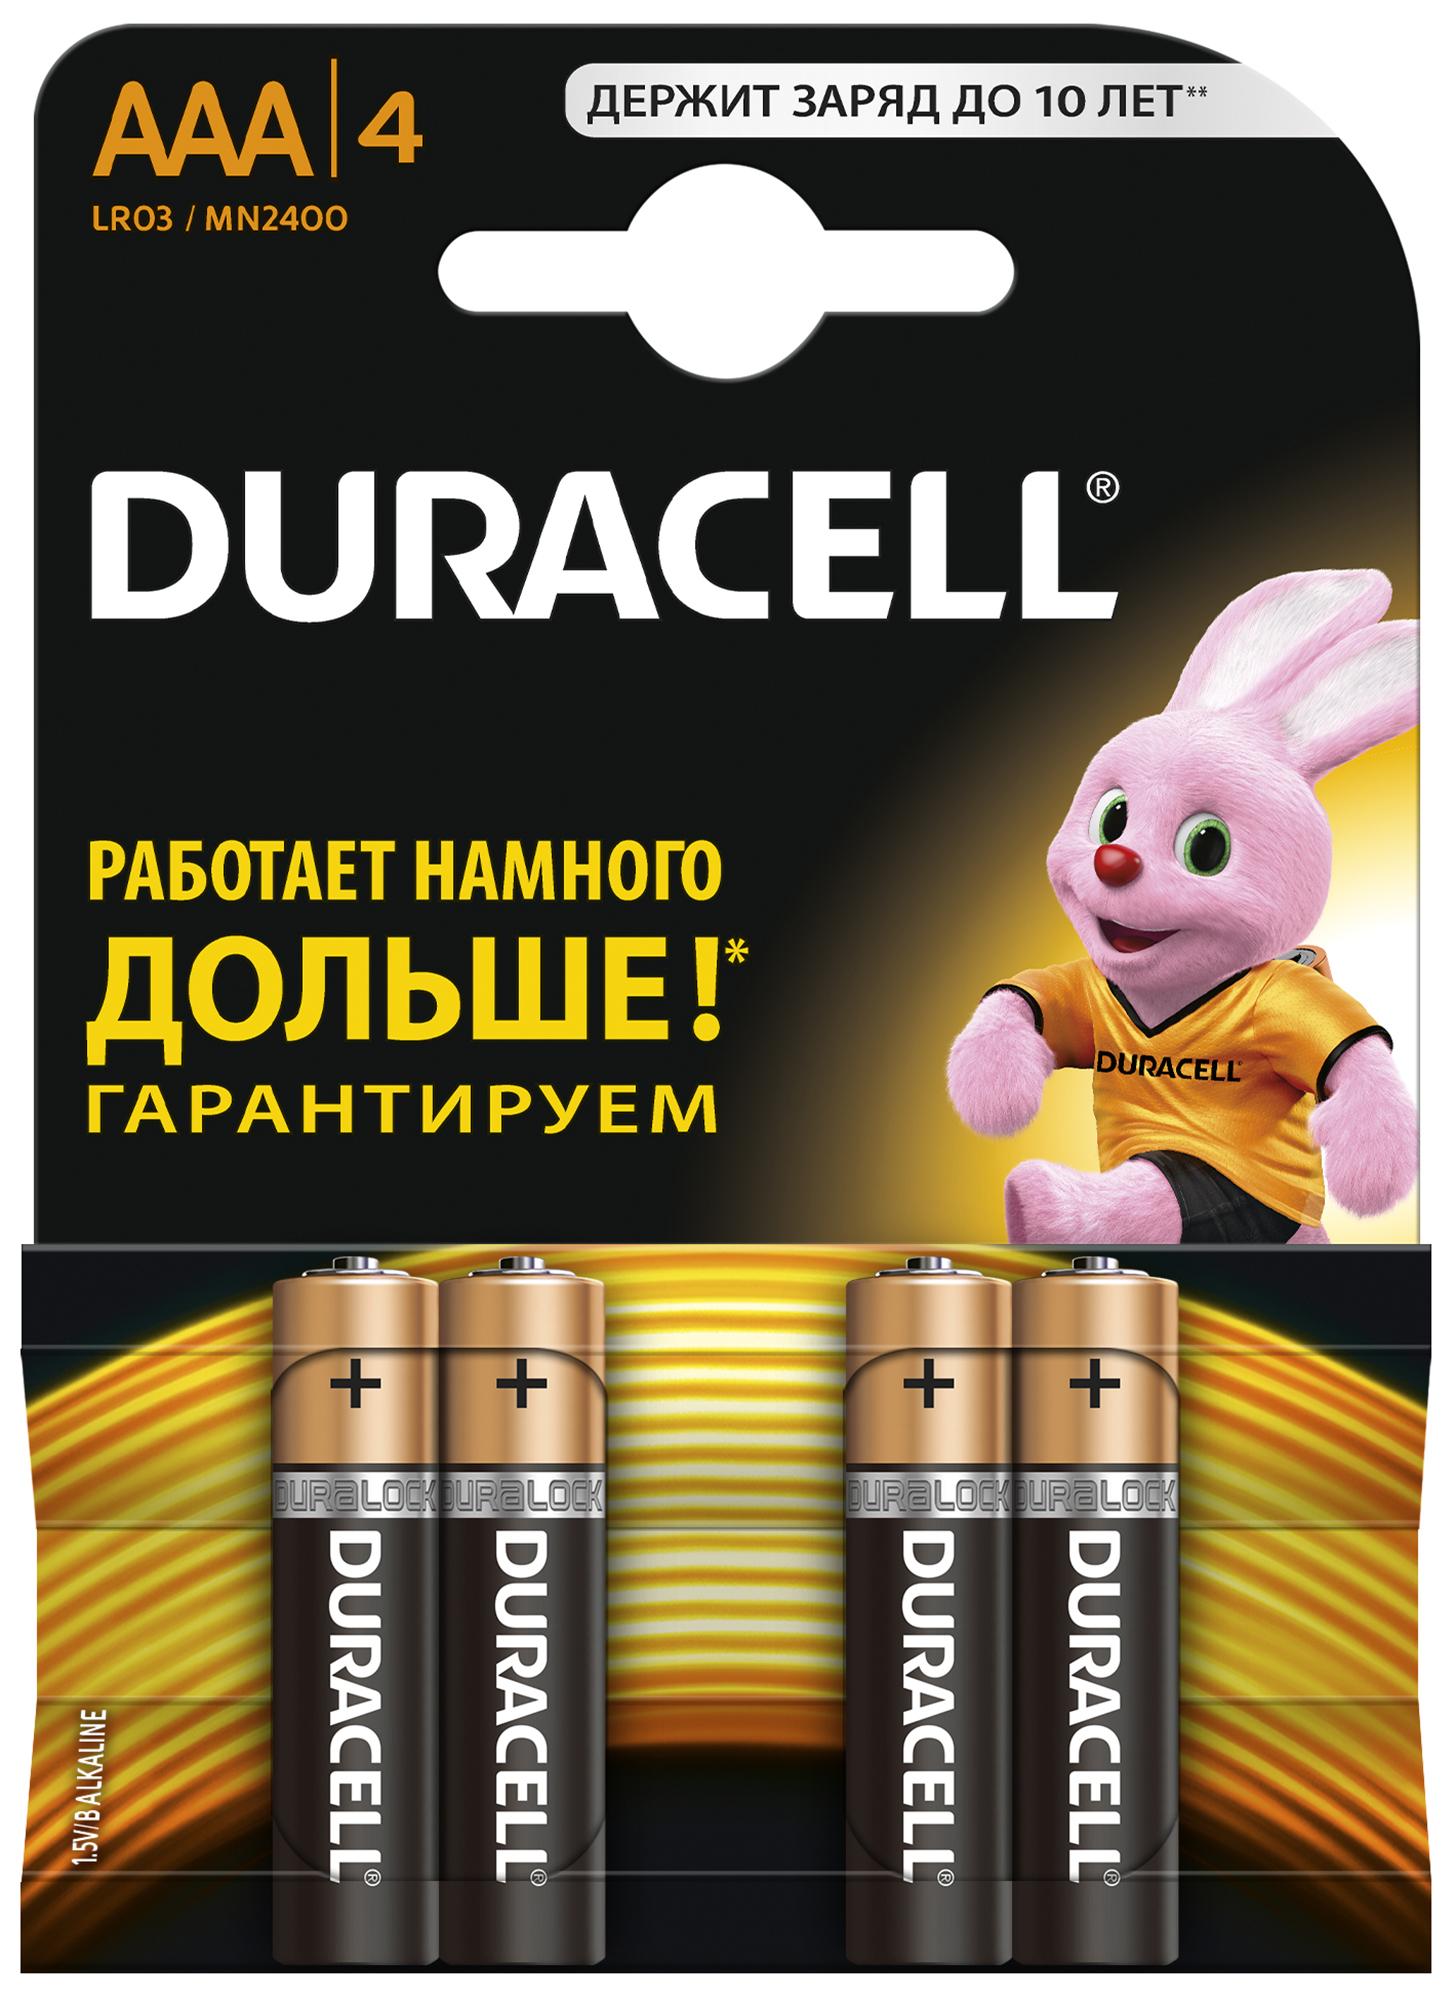 Duracell Батарейки щелочные Duracell Basic AAA/LR03, 4шт.